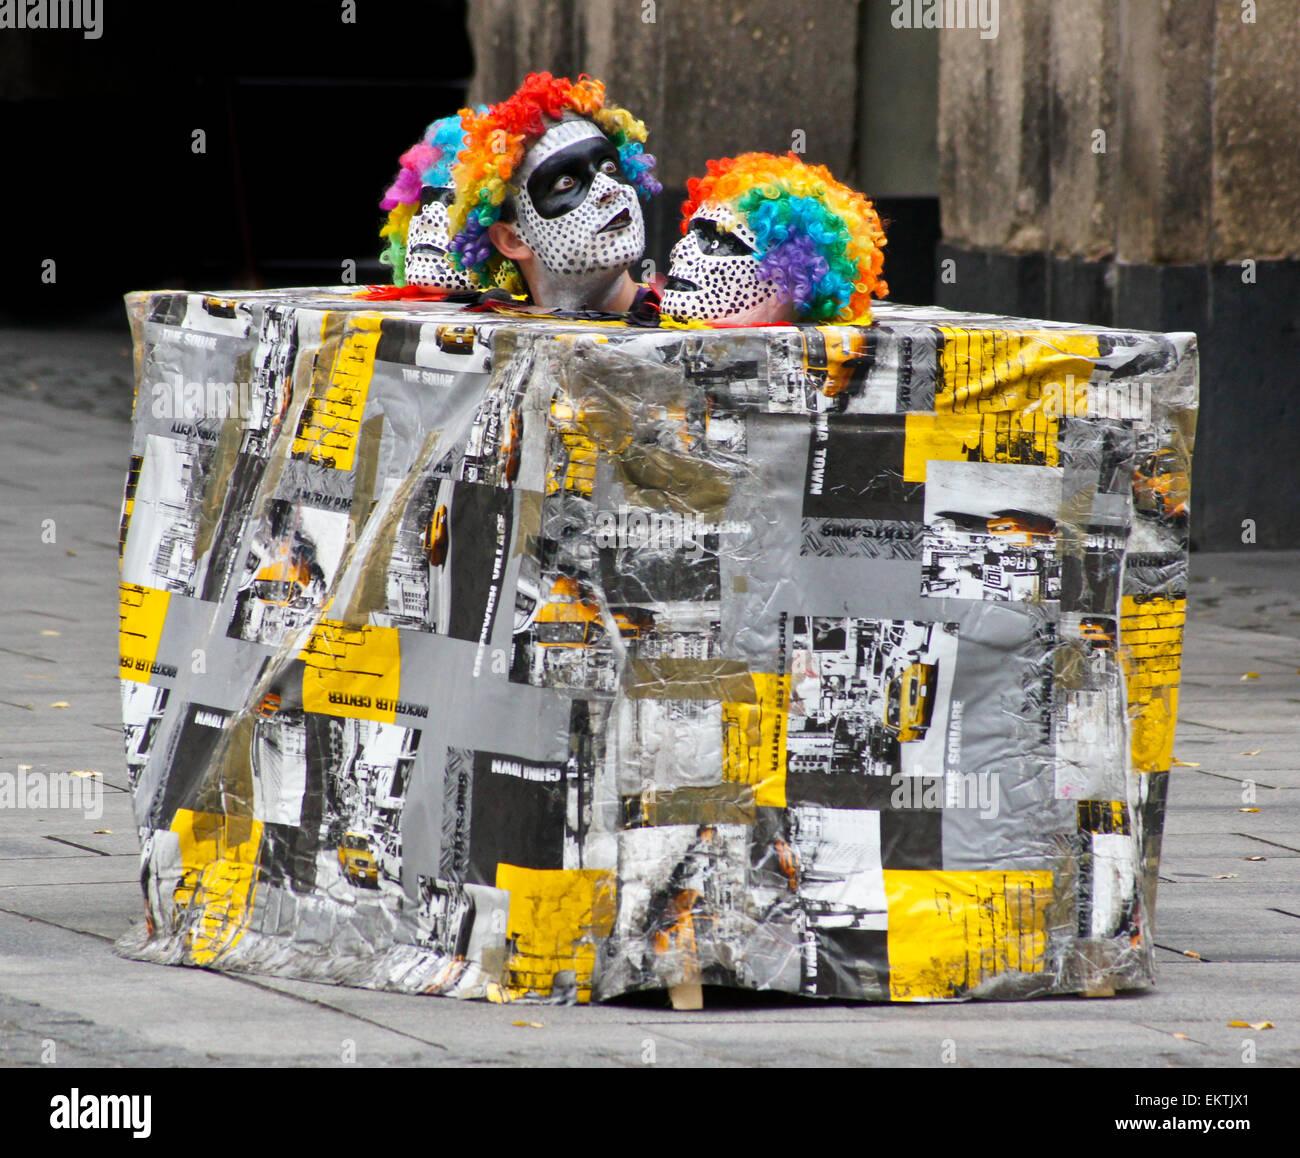 a-mime-artist-and-street-entertainer-in-a-box-dsseldorf-nordrhein-EKTJX1.jpg